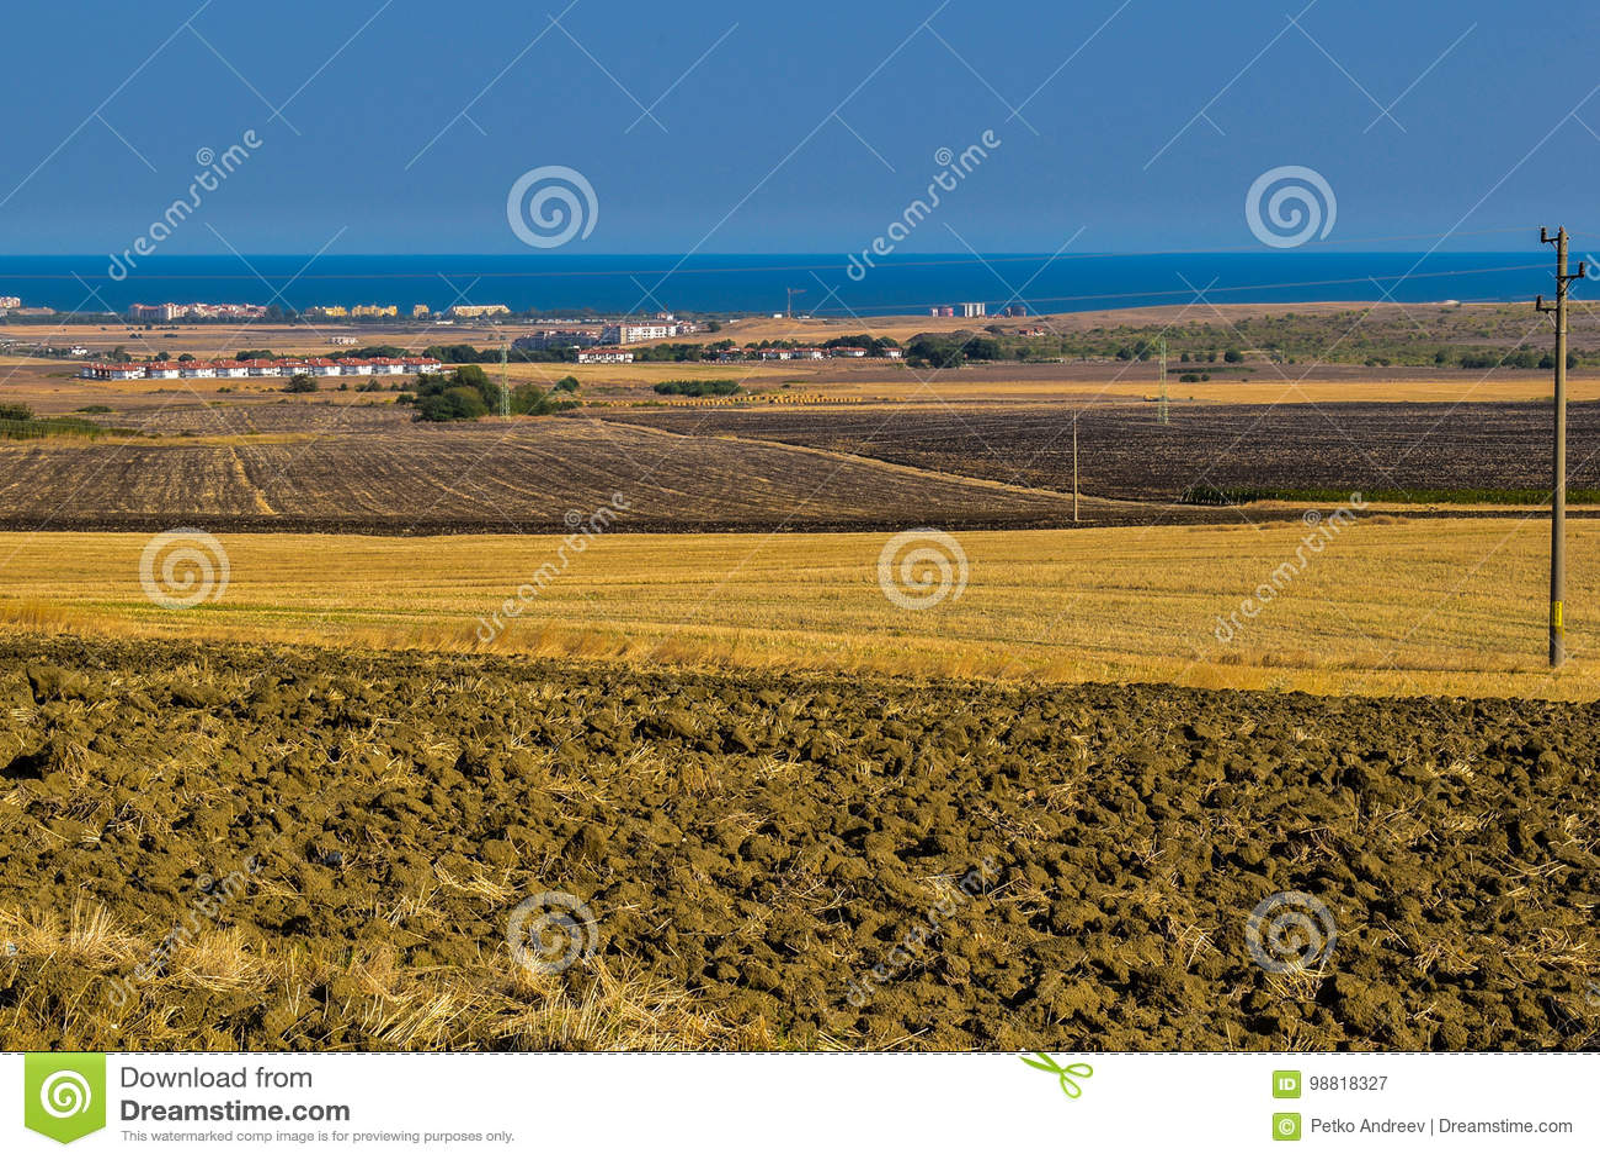 Fields near Black Sea